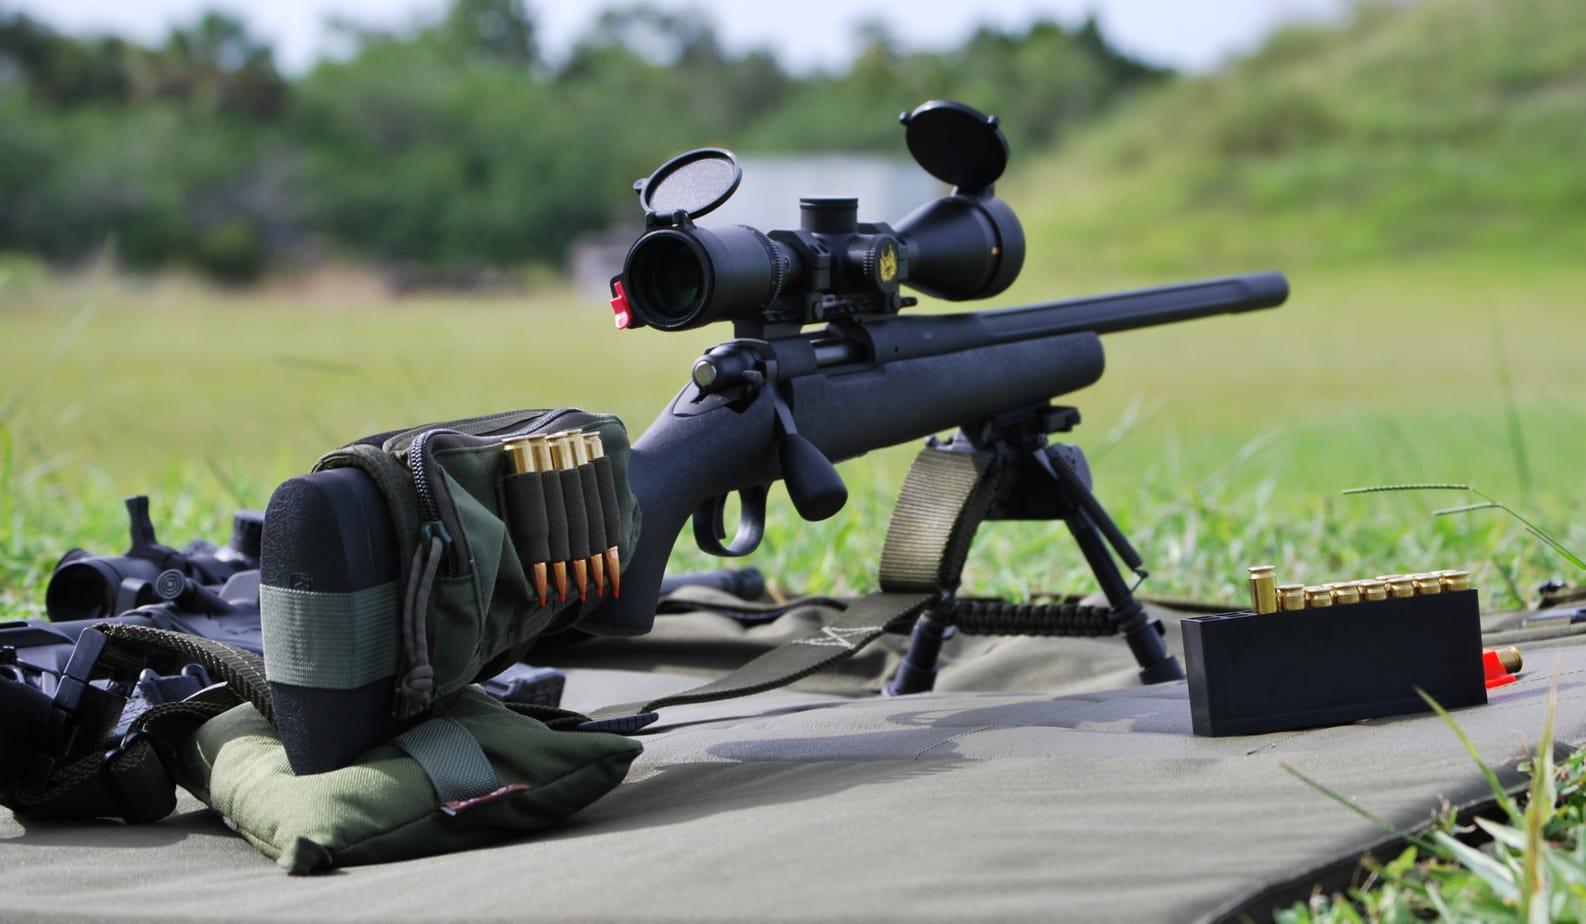 remington 700 police sniper